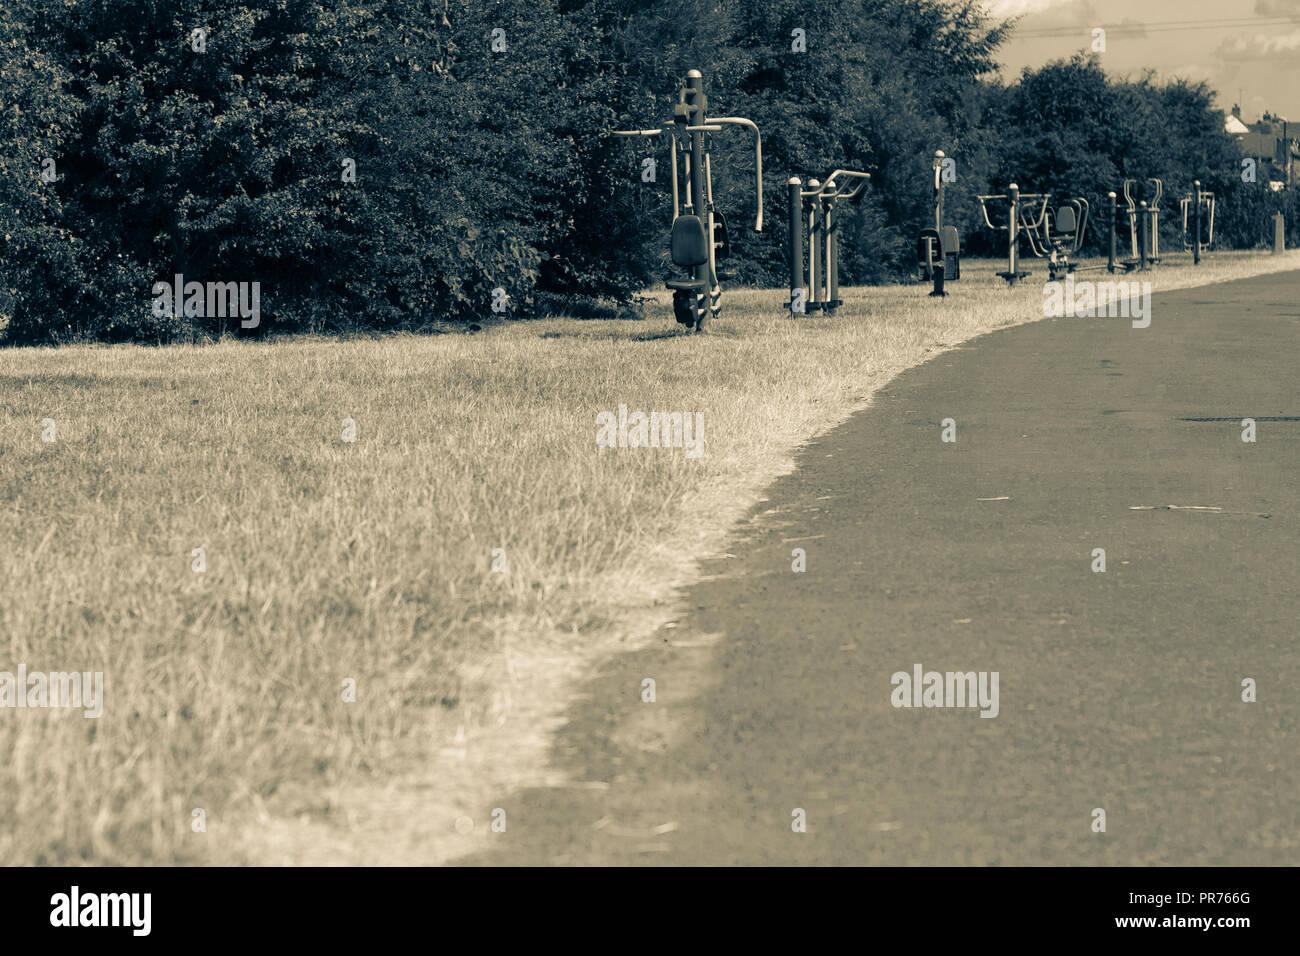 Equipo de ejercicio urbano en un parque Imagen De Stock